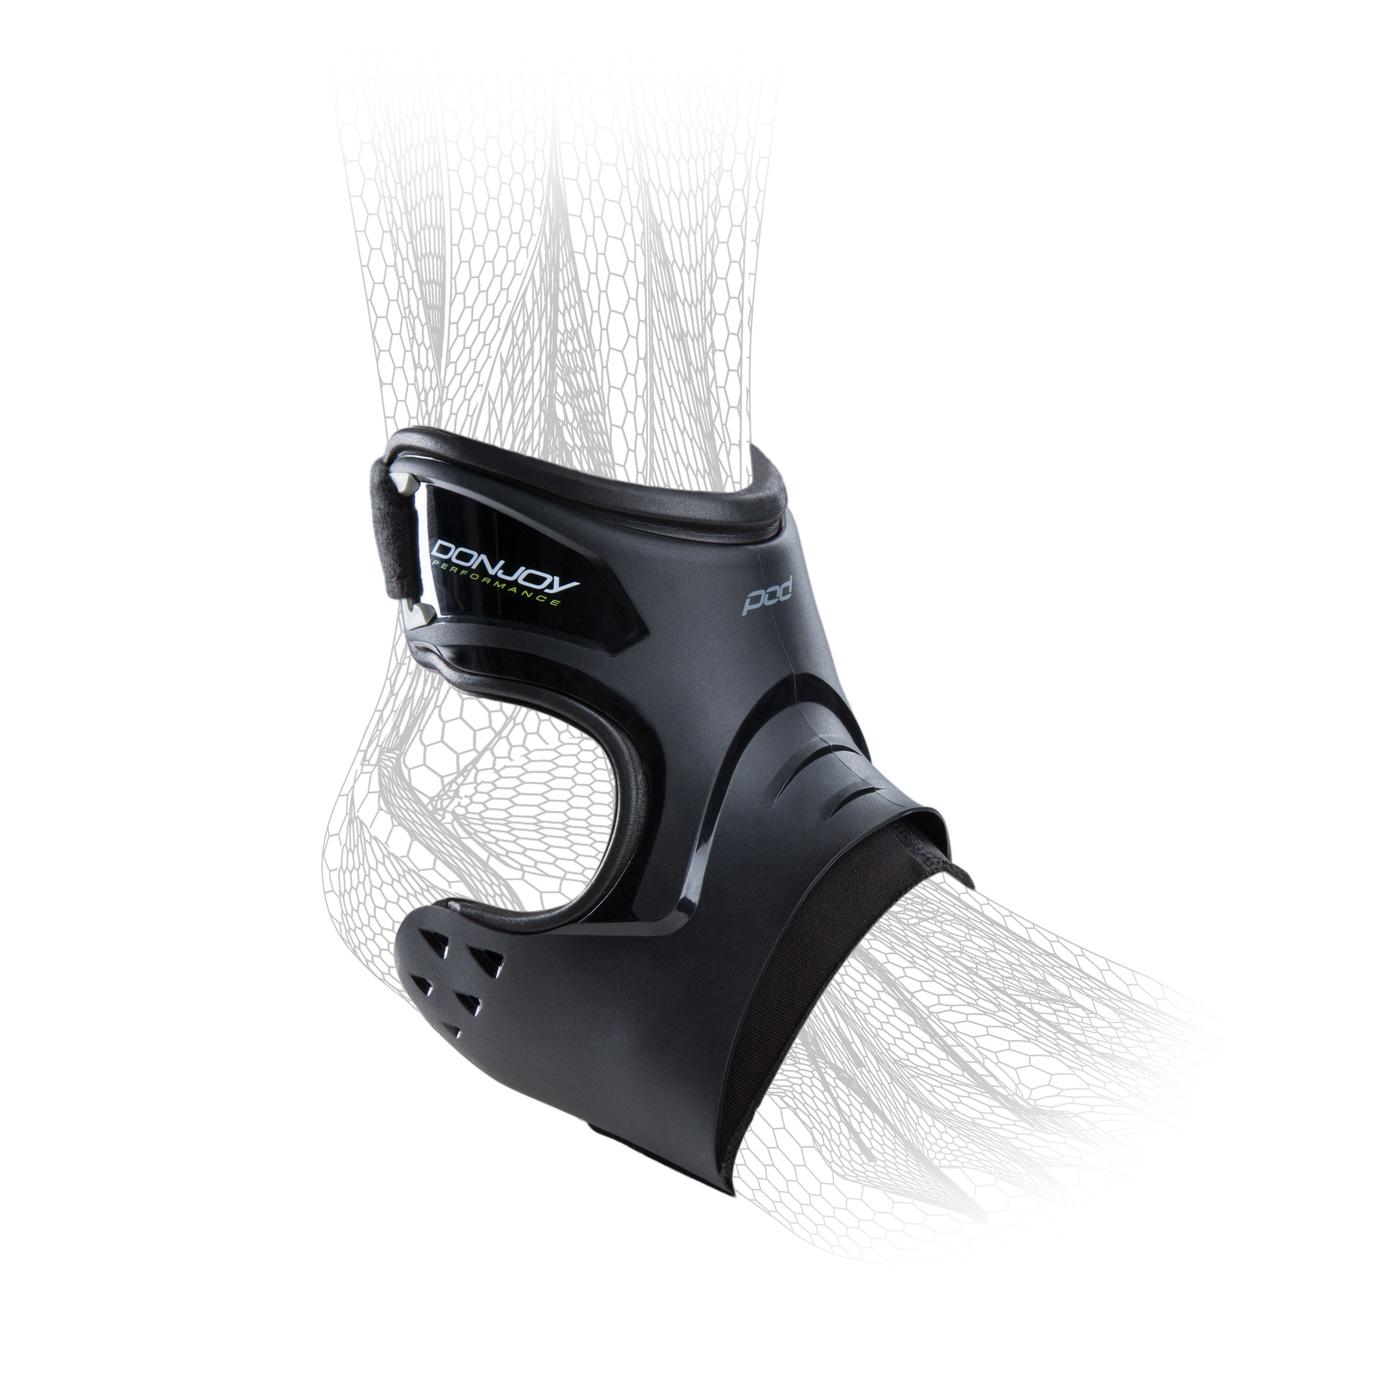 DonJoy Performance POD® ANKLE BRACE - Left, Right - Black,